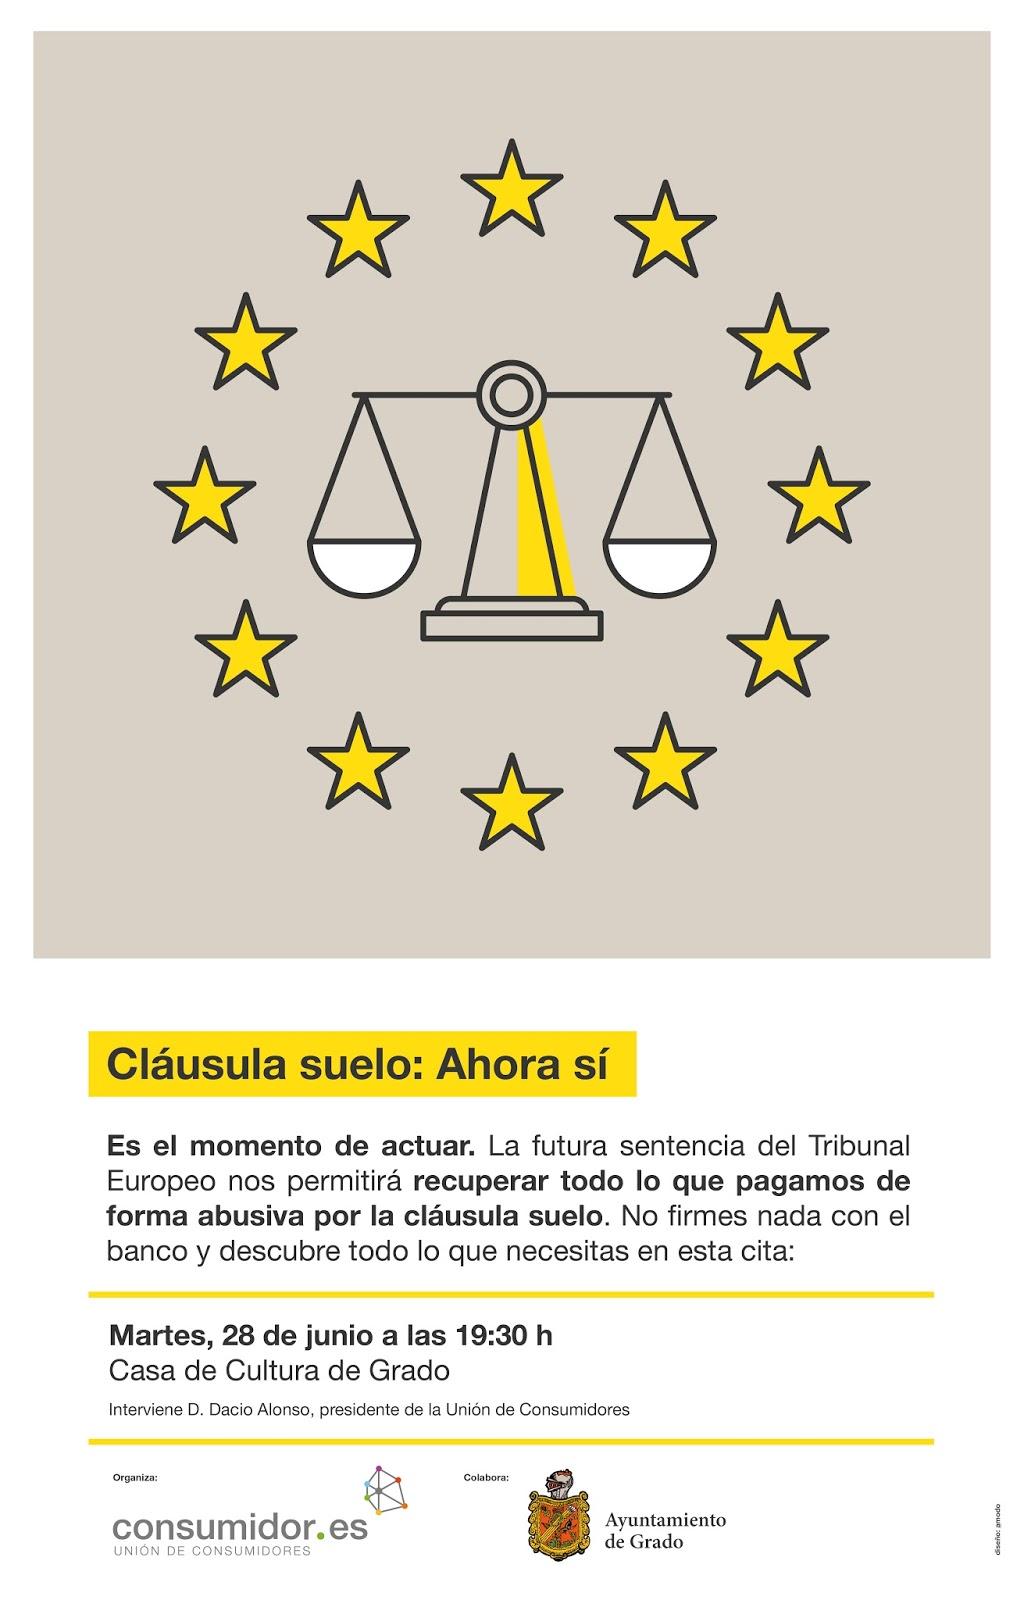 Culturagrado charla informativa cl usula suelo ahora s for Sentencia clausula suelo 2016